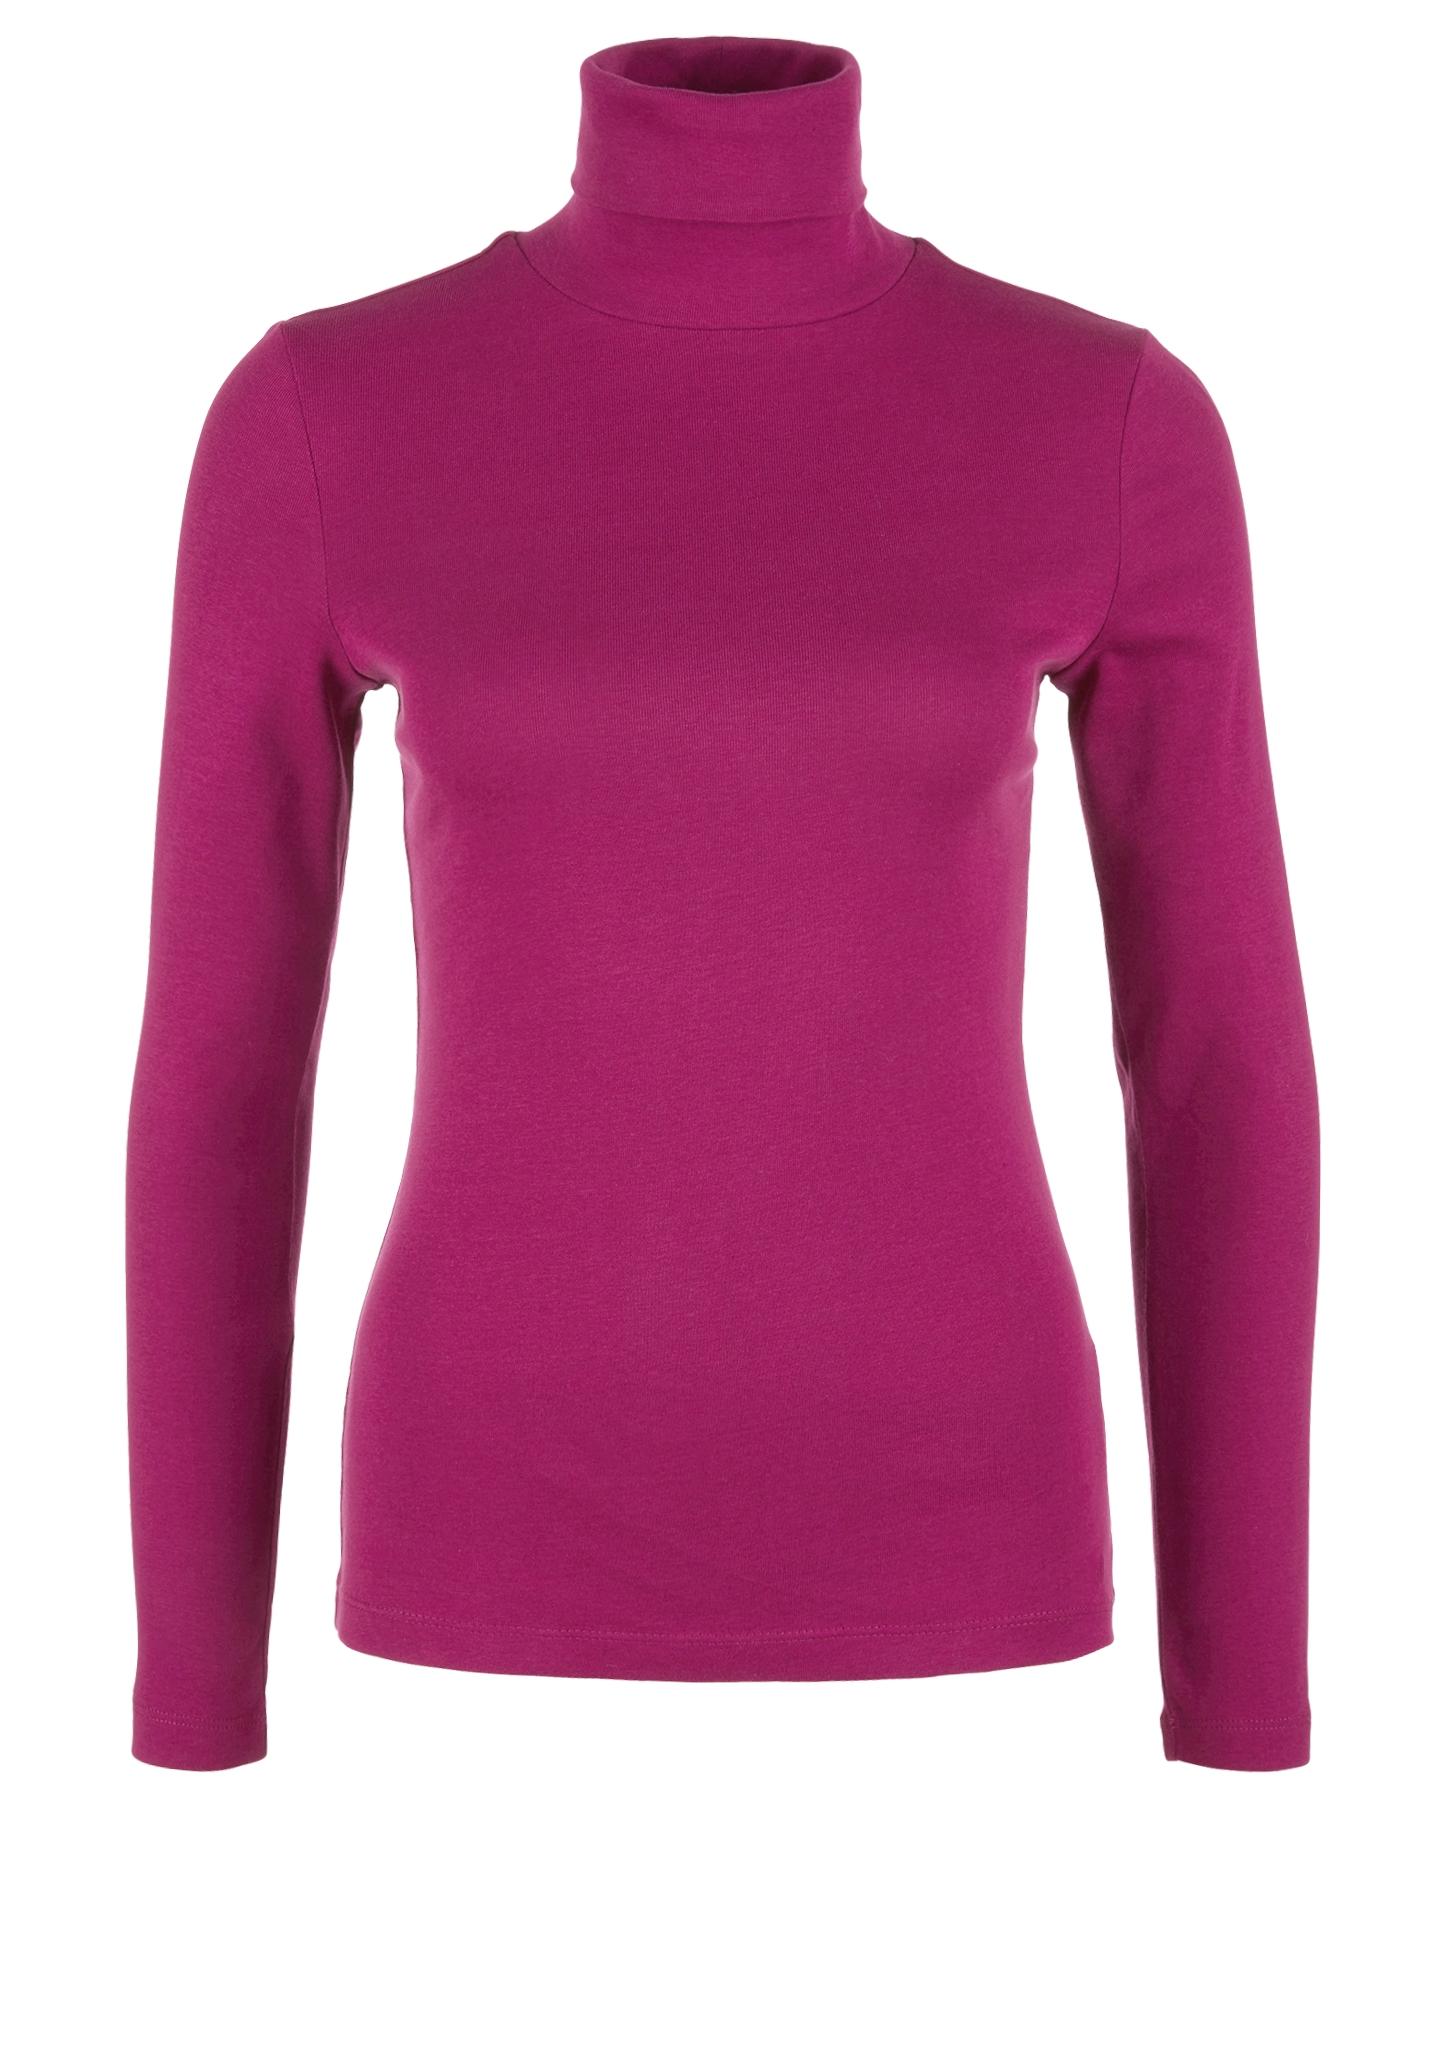 Rollkragenshirt | Bekleidung > Shirts > Rollkragenshirts | Pink | 100% baumwolle | s.Oliver